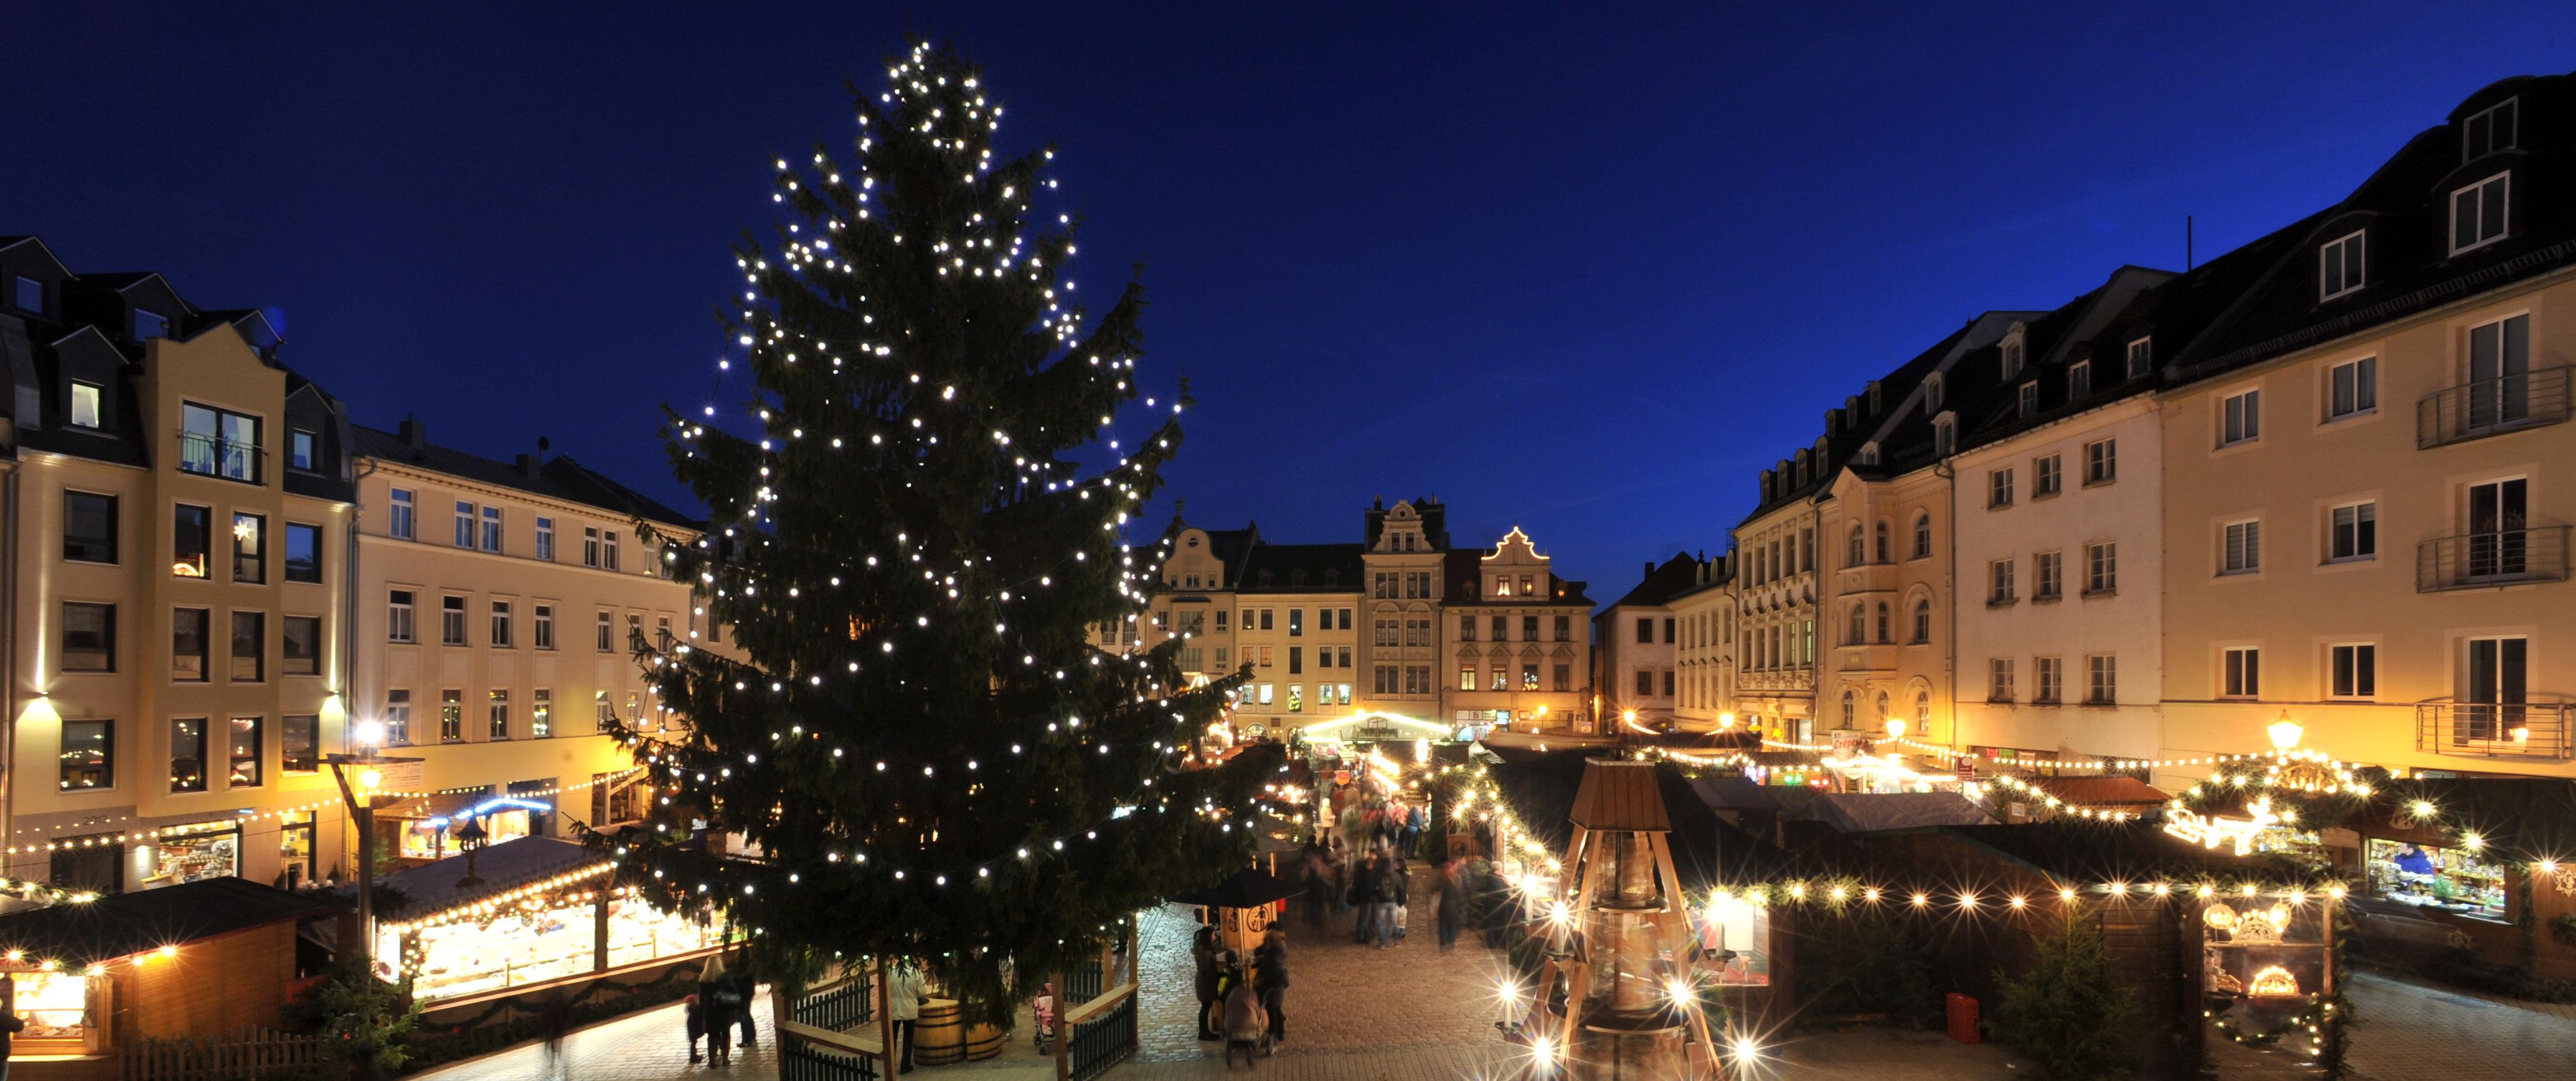 Weihnachtsmarkt aus Richtung Altes Rathaus